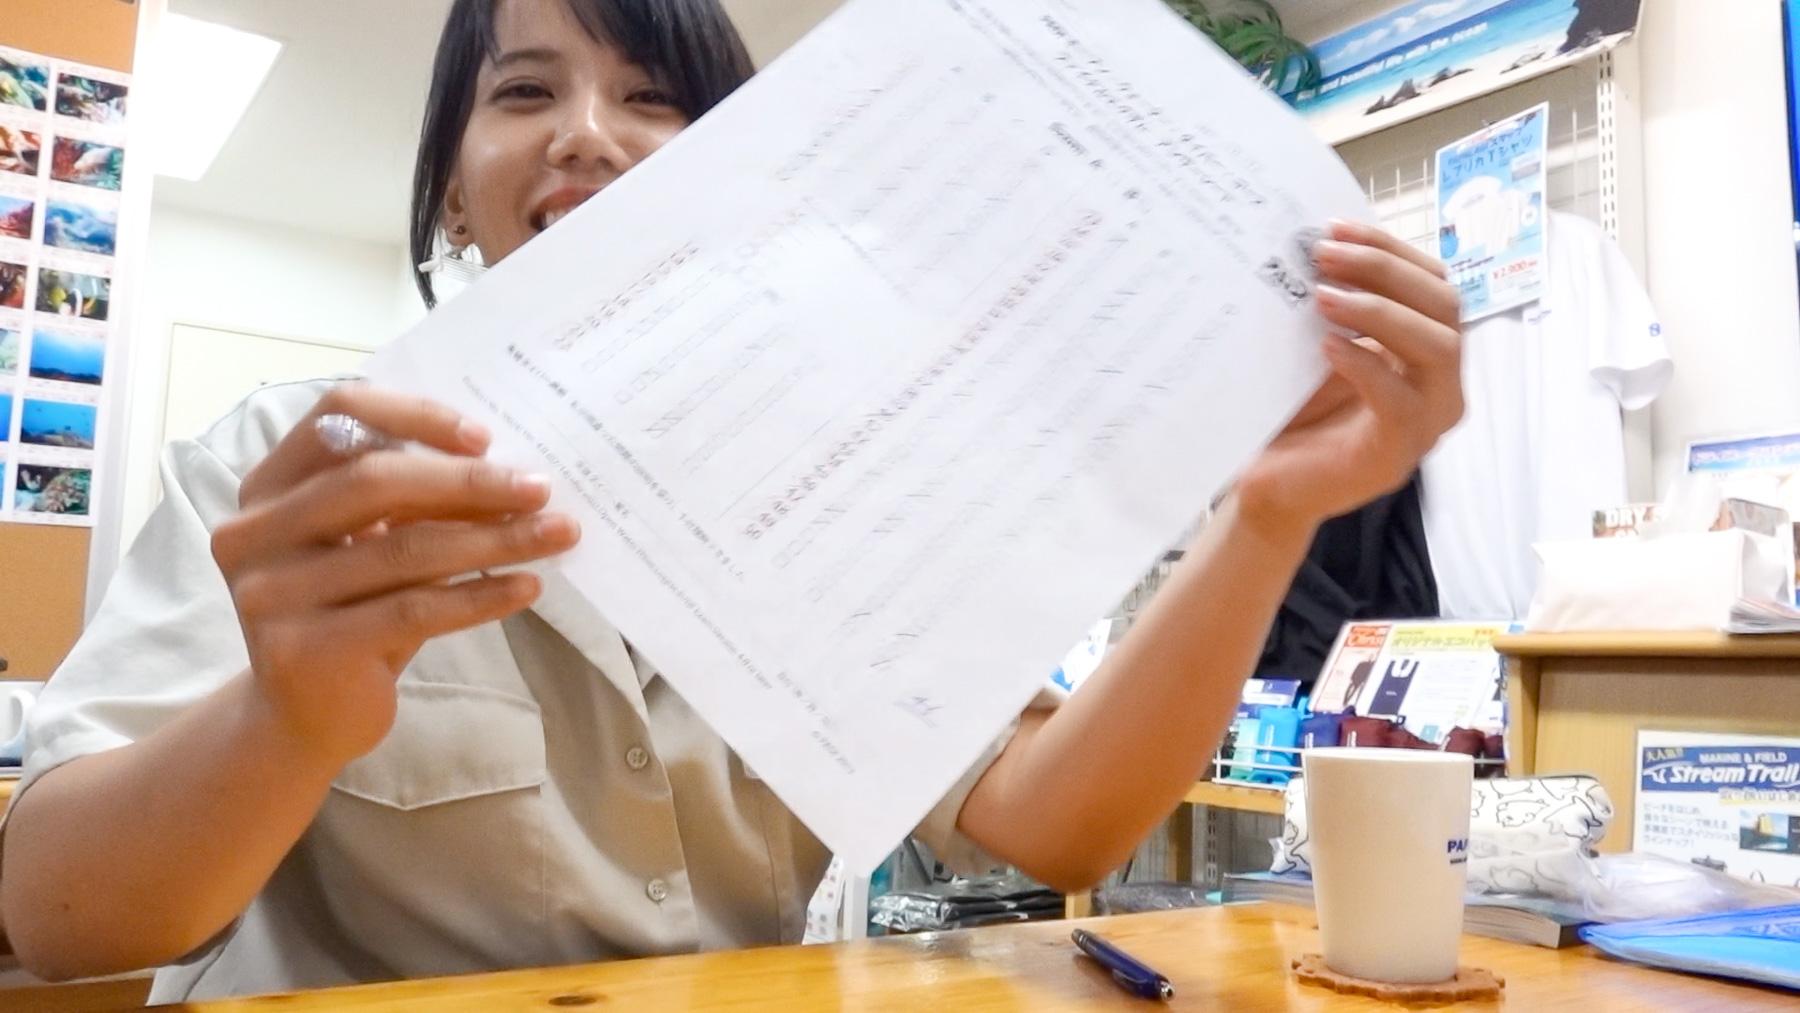 泉ひかりさんライセンス取得!⑤